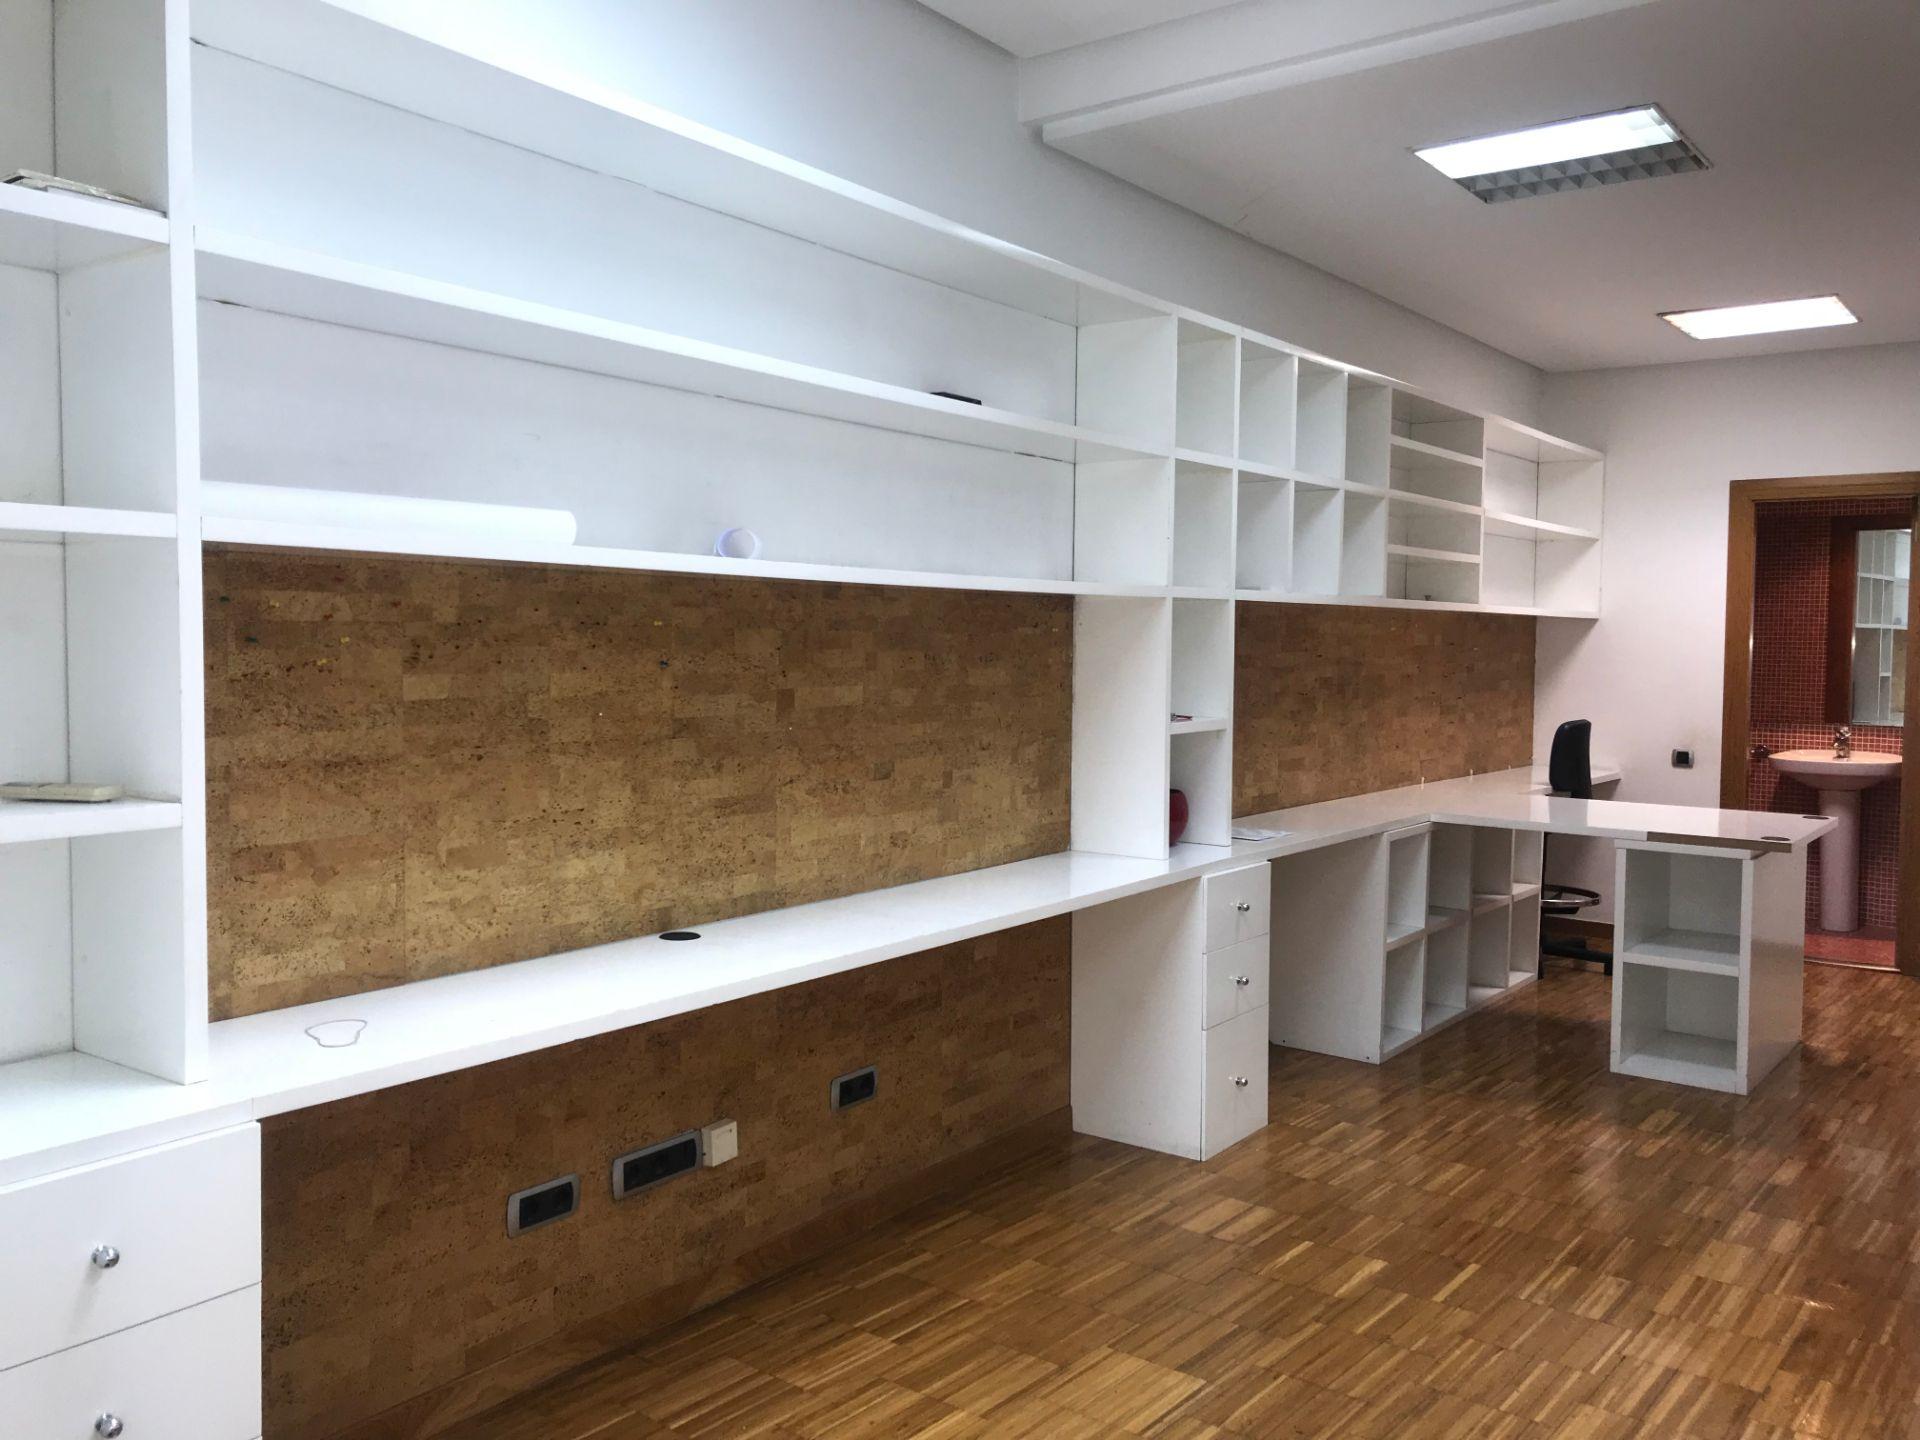 Oficina en Murcia, CENTRO, alquiler